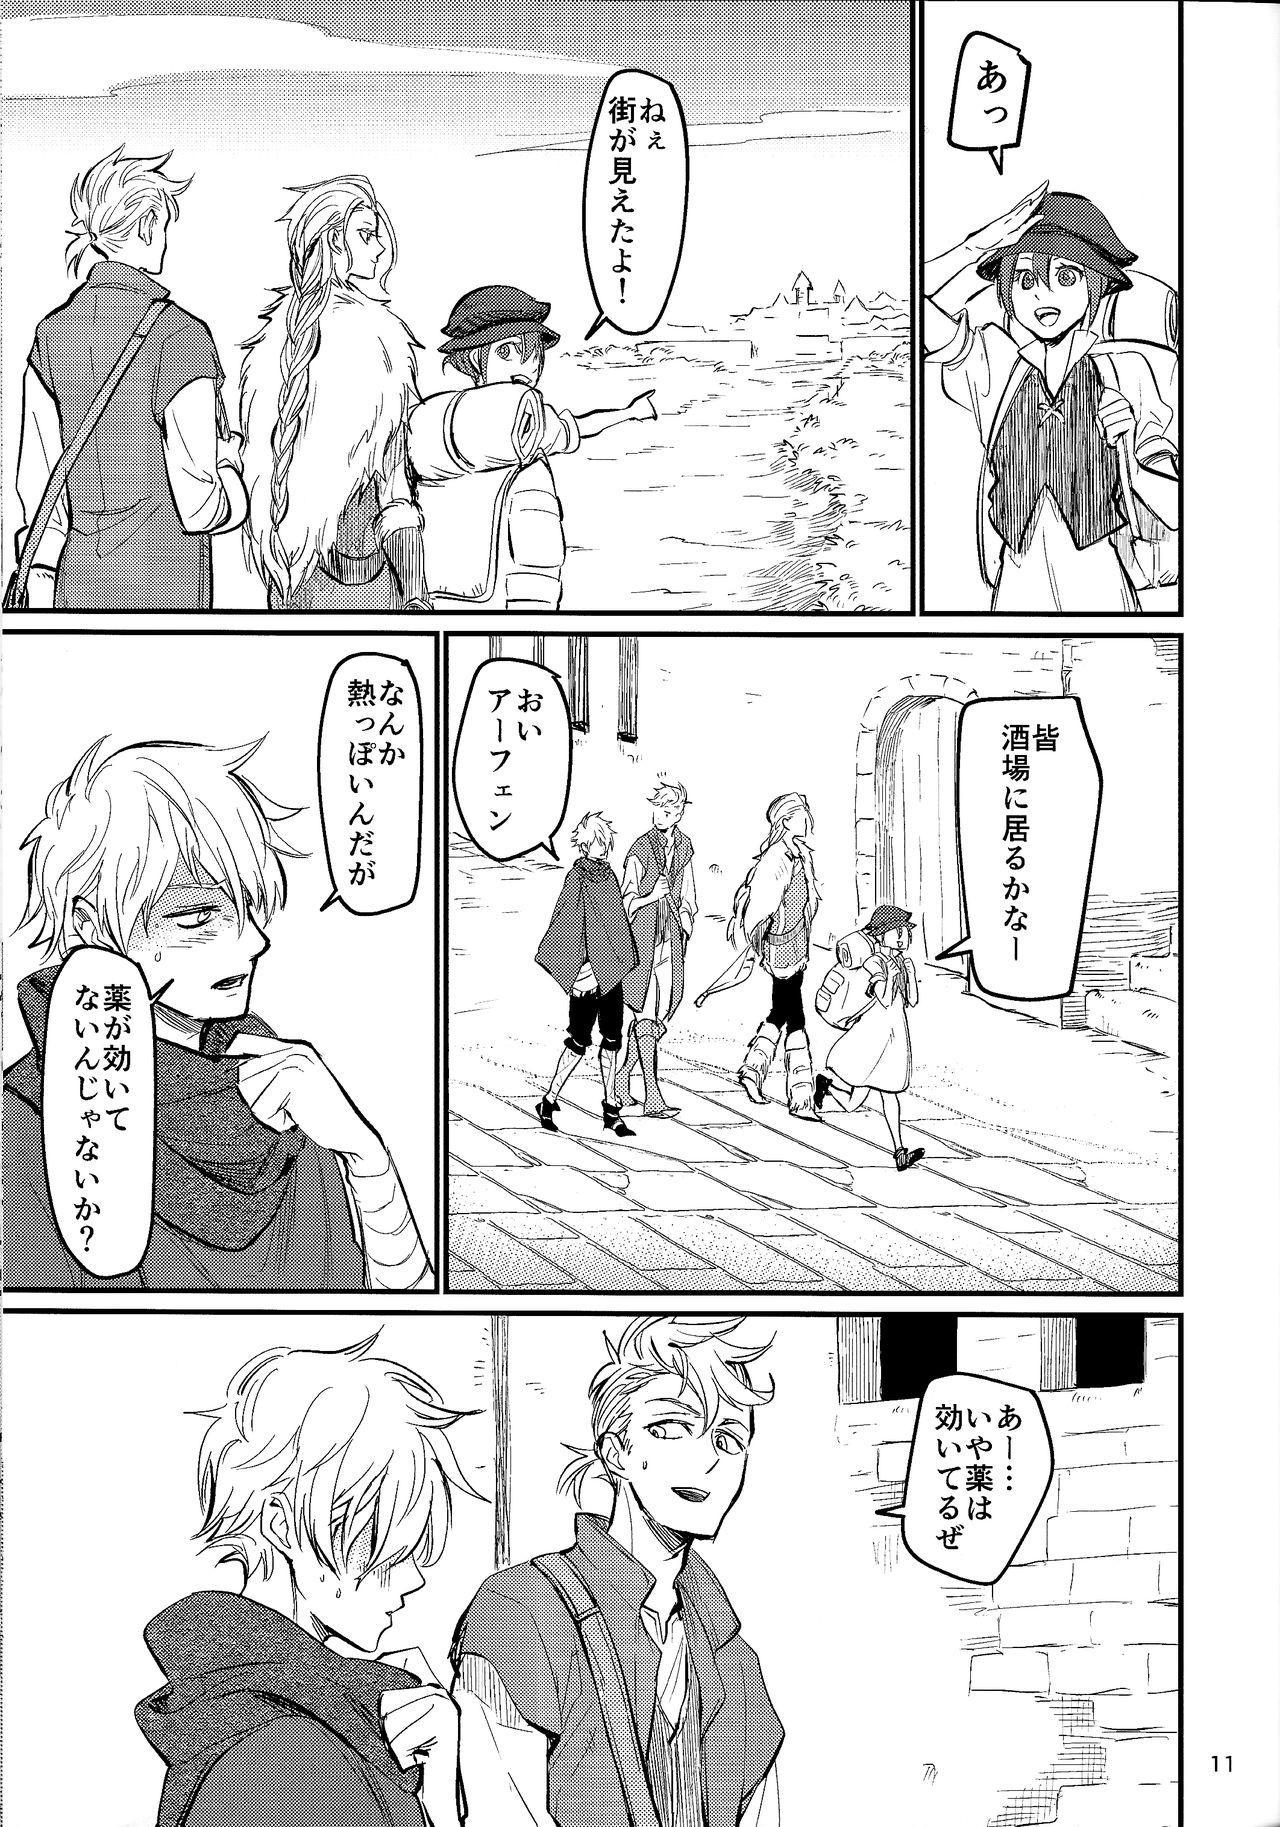 Shoujiki-sha wa ai o miru 8